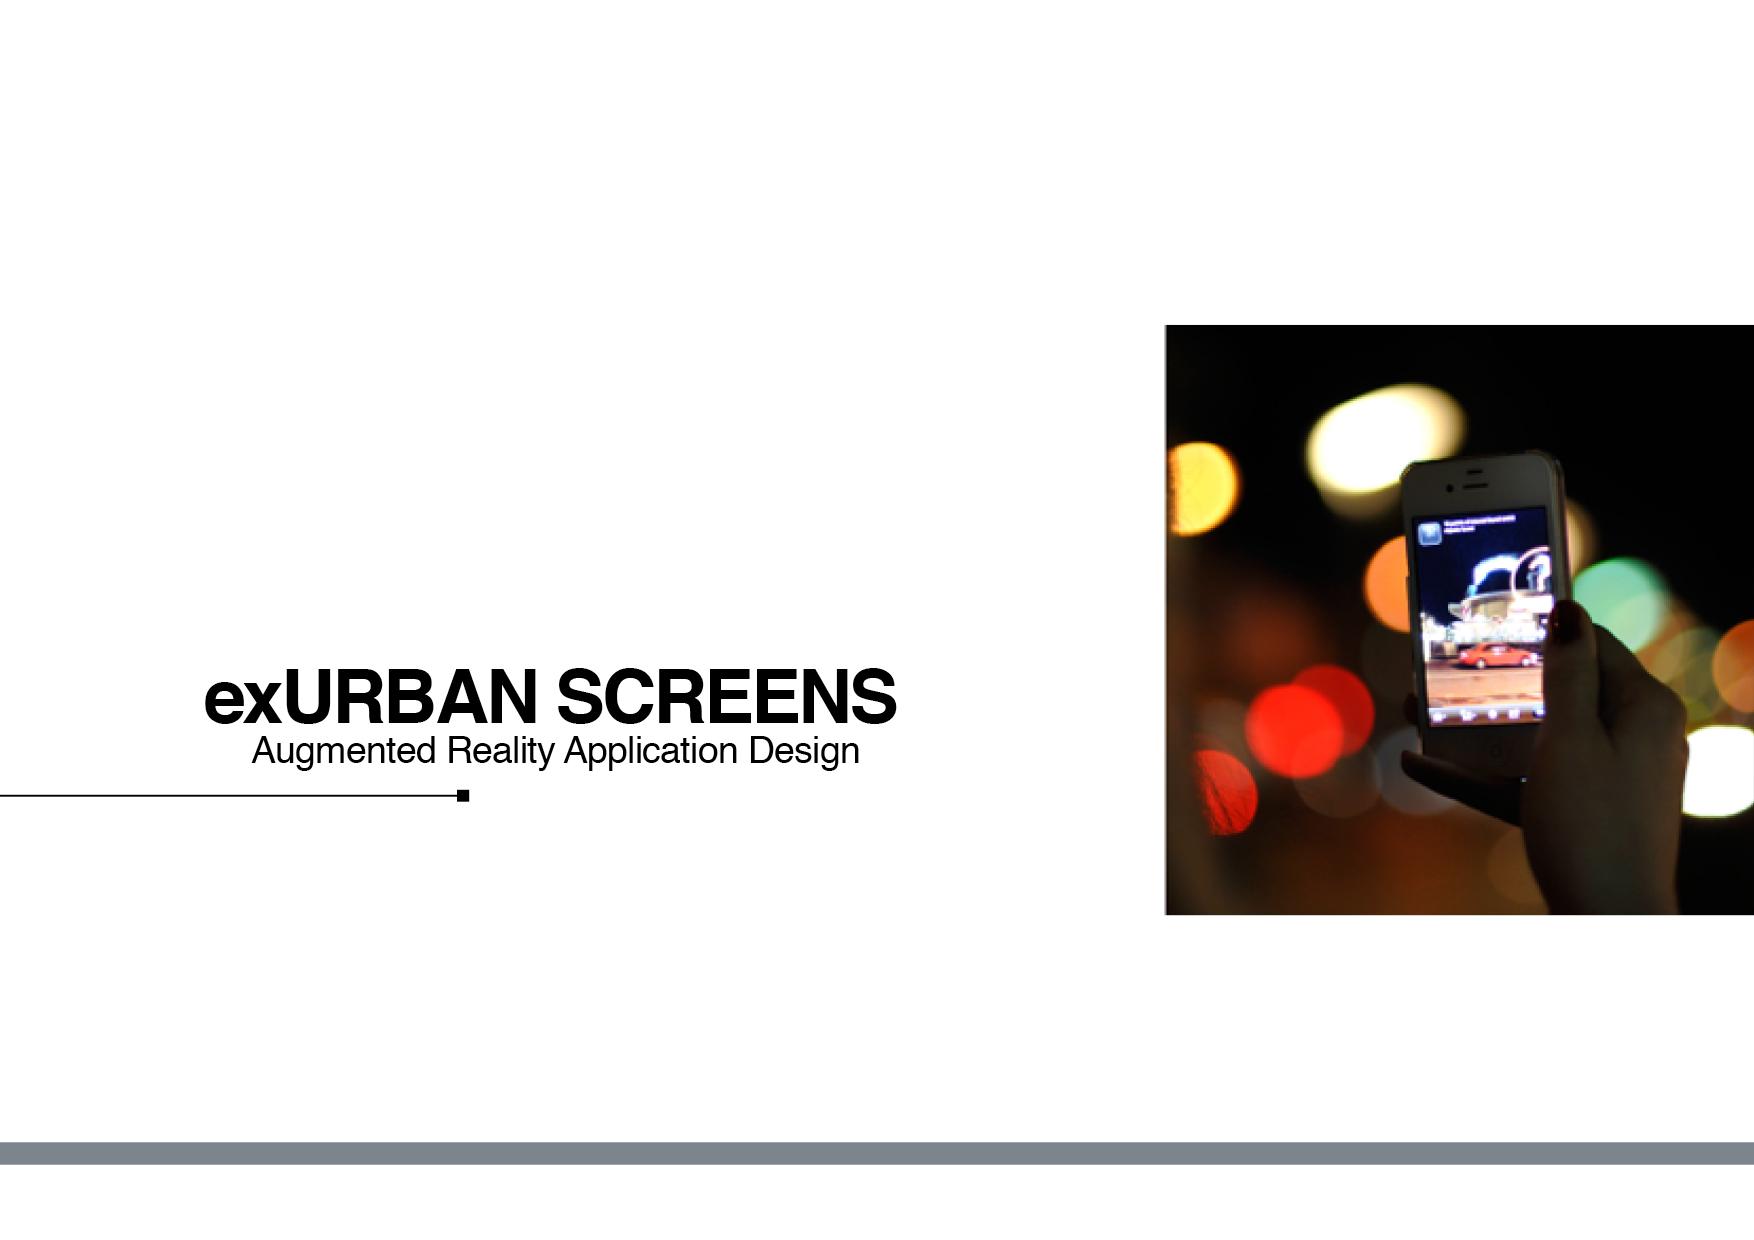 exURBAN SCREENS